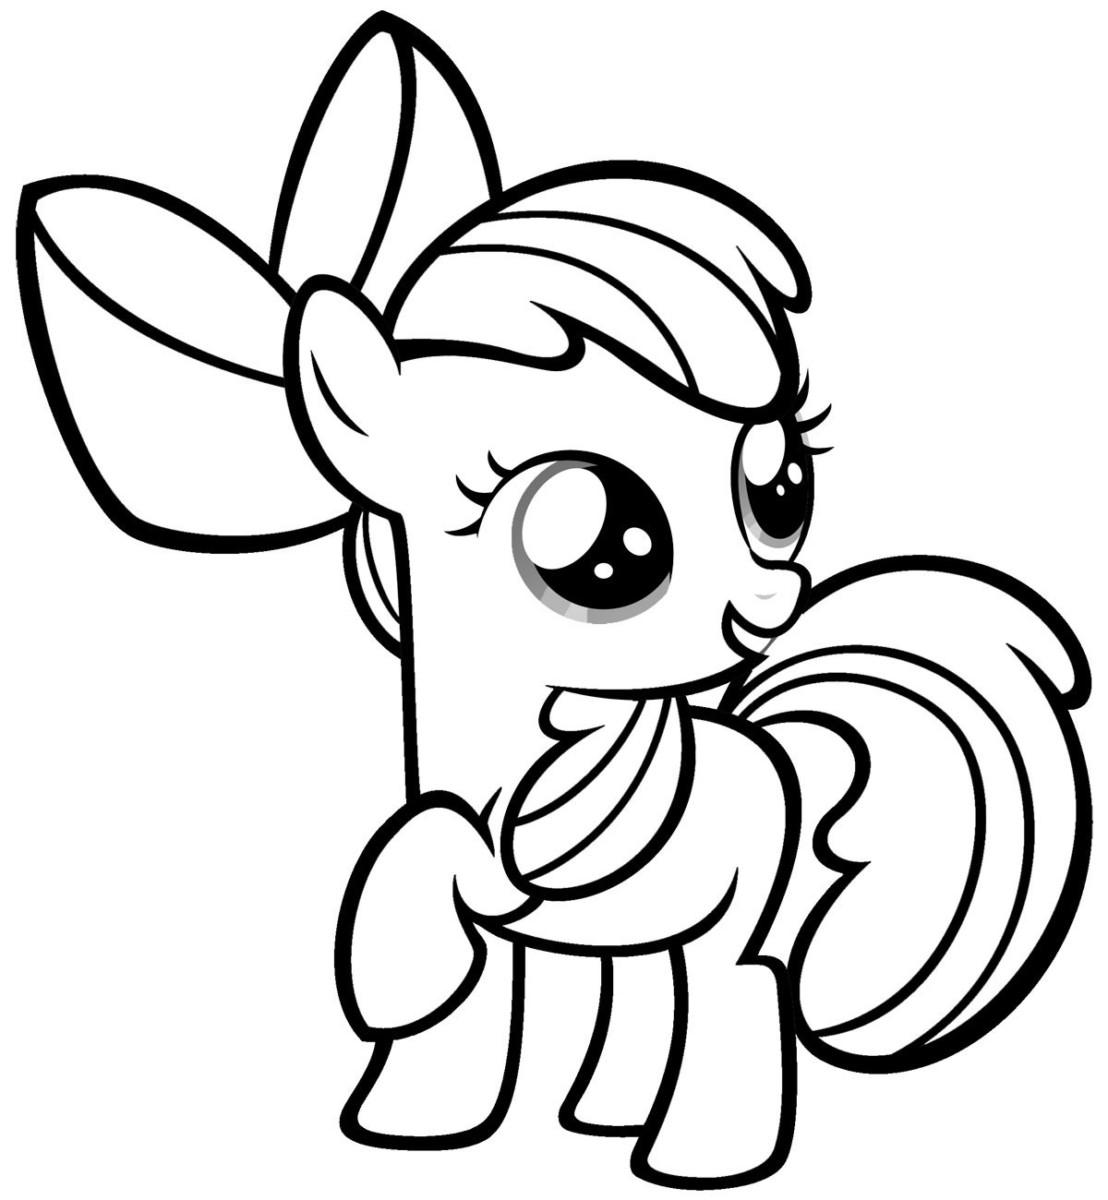 Tải tranh tô màu Pony siêu đáng yêu dành cho bé | Ngựa pony 112